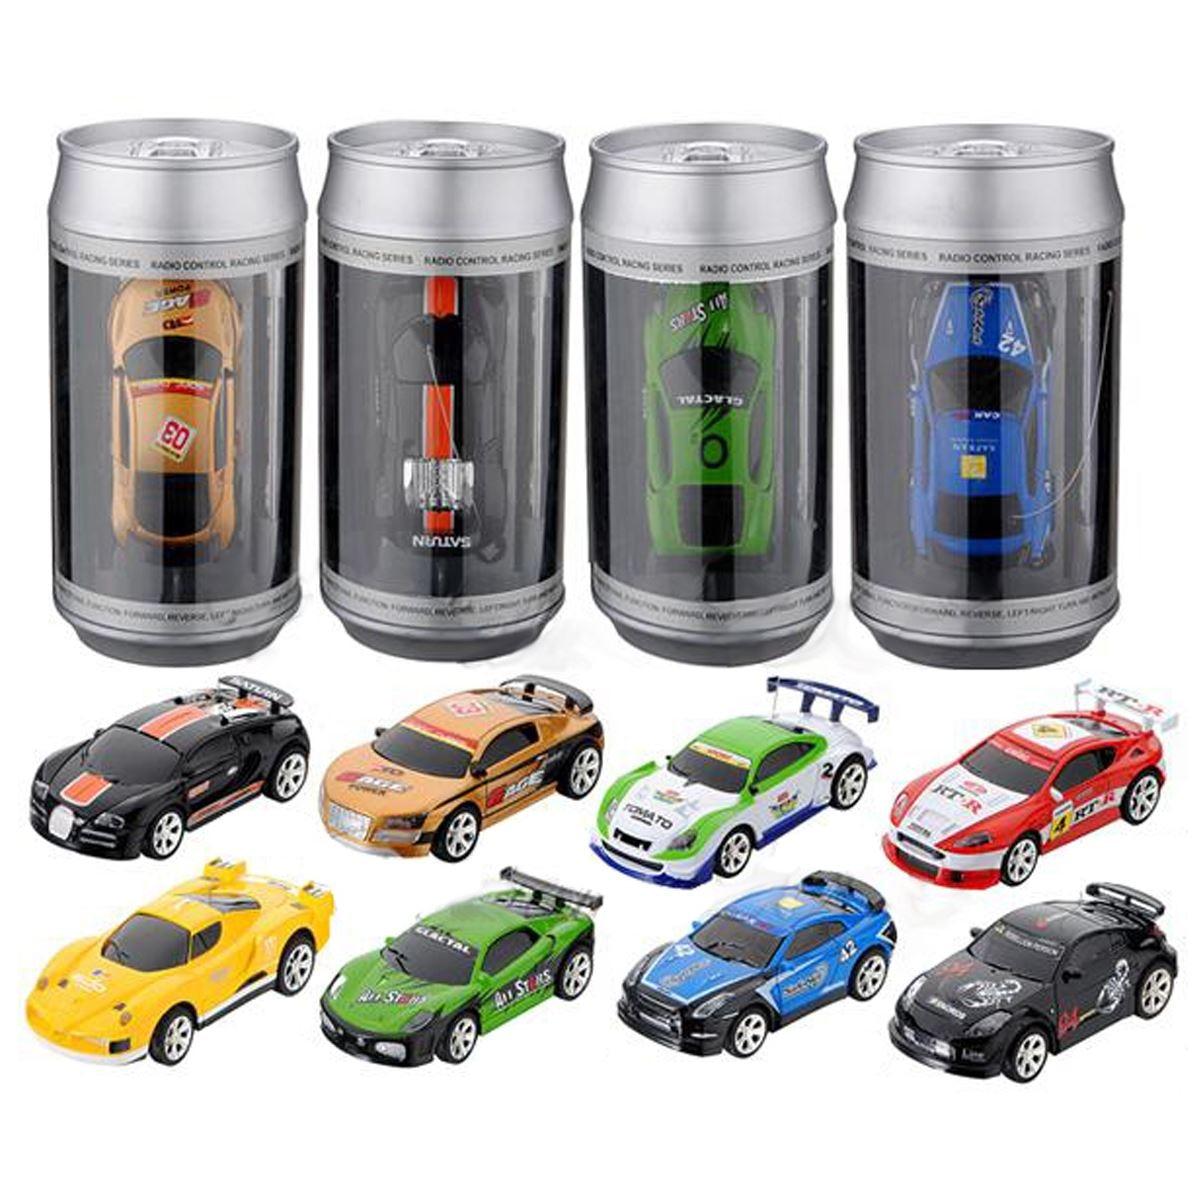 8 colores Venta caliente 20 KM/H coca Mini RC coche de Radio Control remoto de coche de carreras Micro 4 frecuencias juguete para los niños